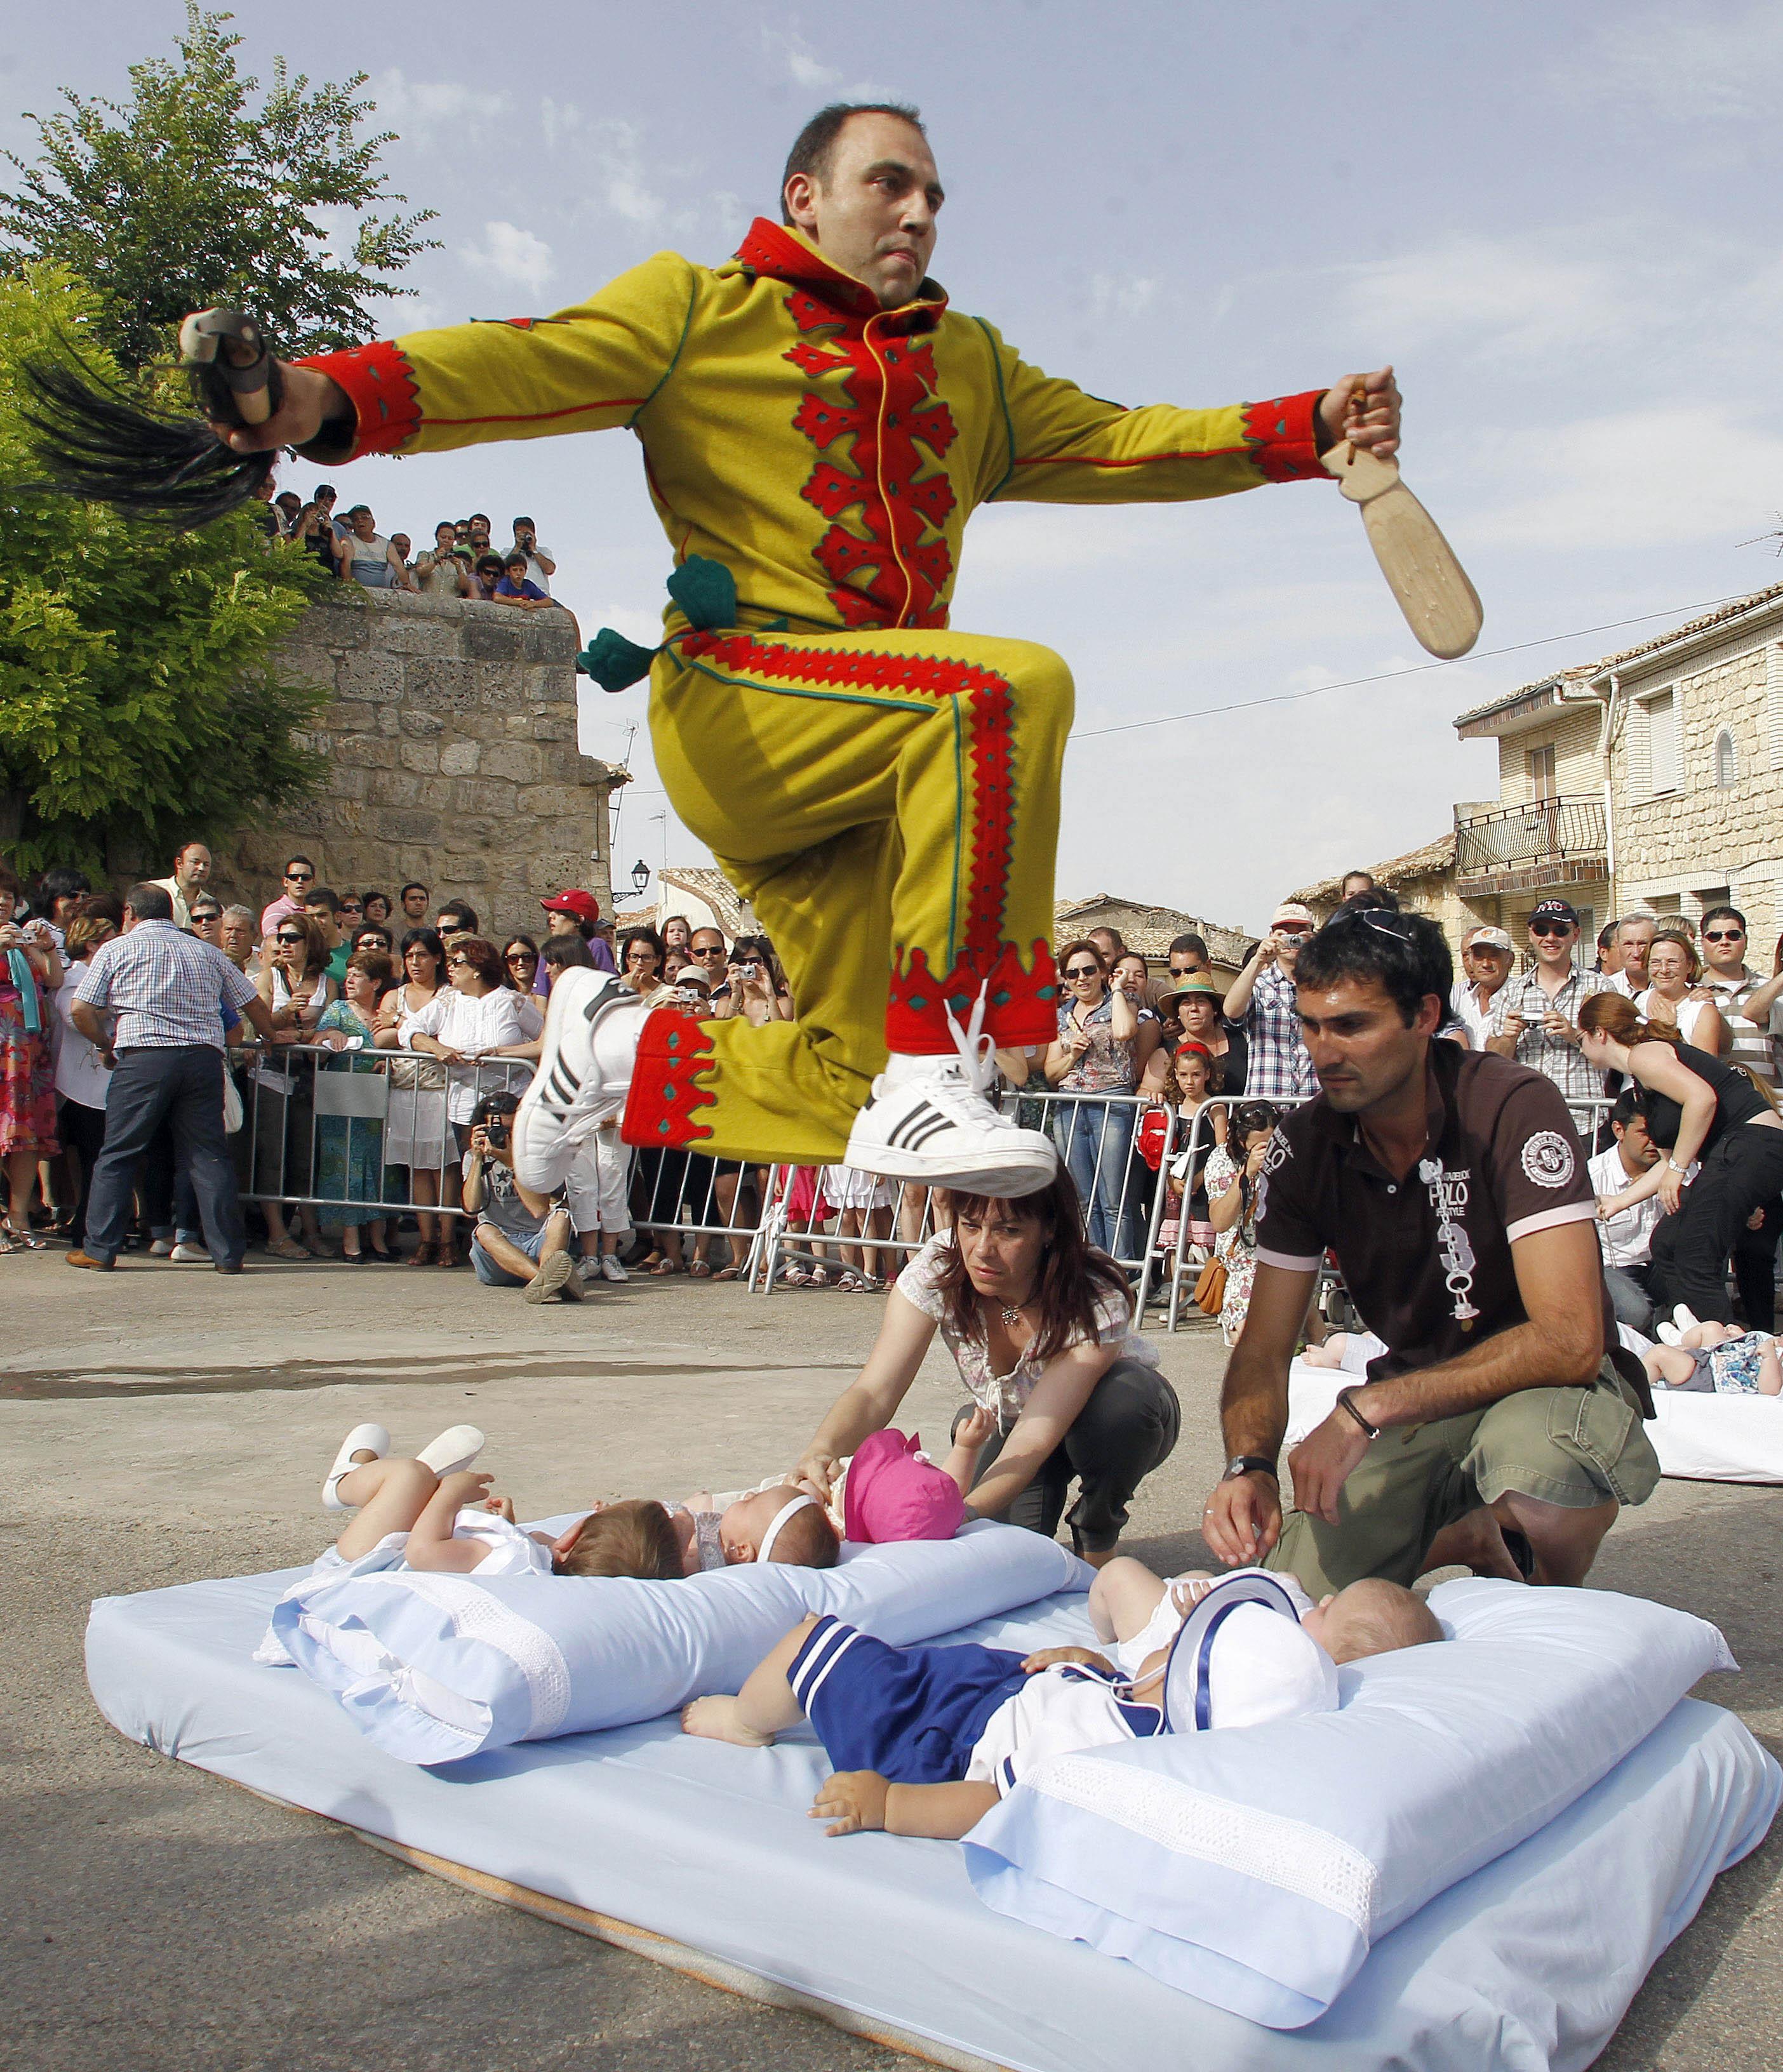 55a255da0c96 el salto del colacho. Πρόκειται σίγουρα για ένα από τα πιο τρομαχτικά και  σοκαριστικά έθιμα ...